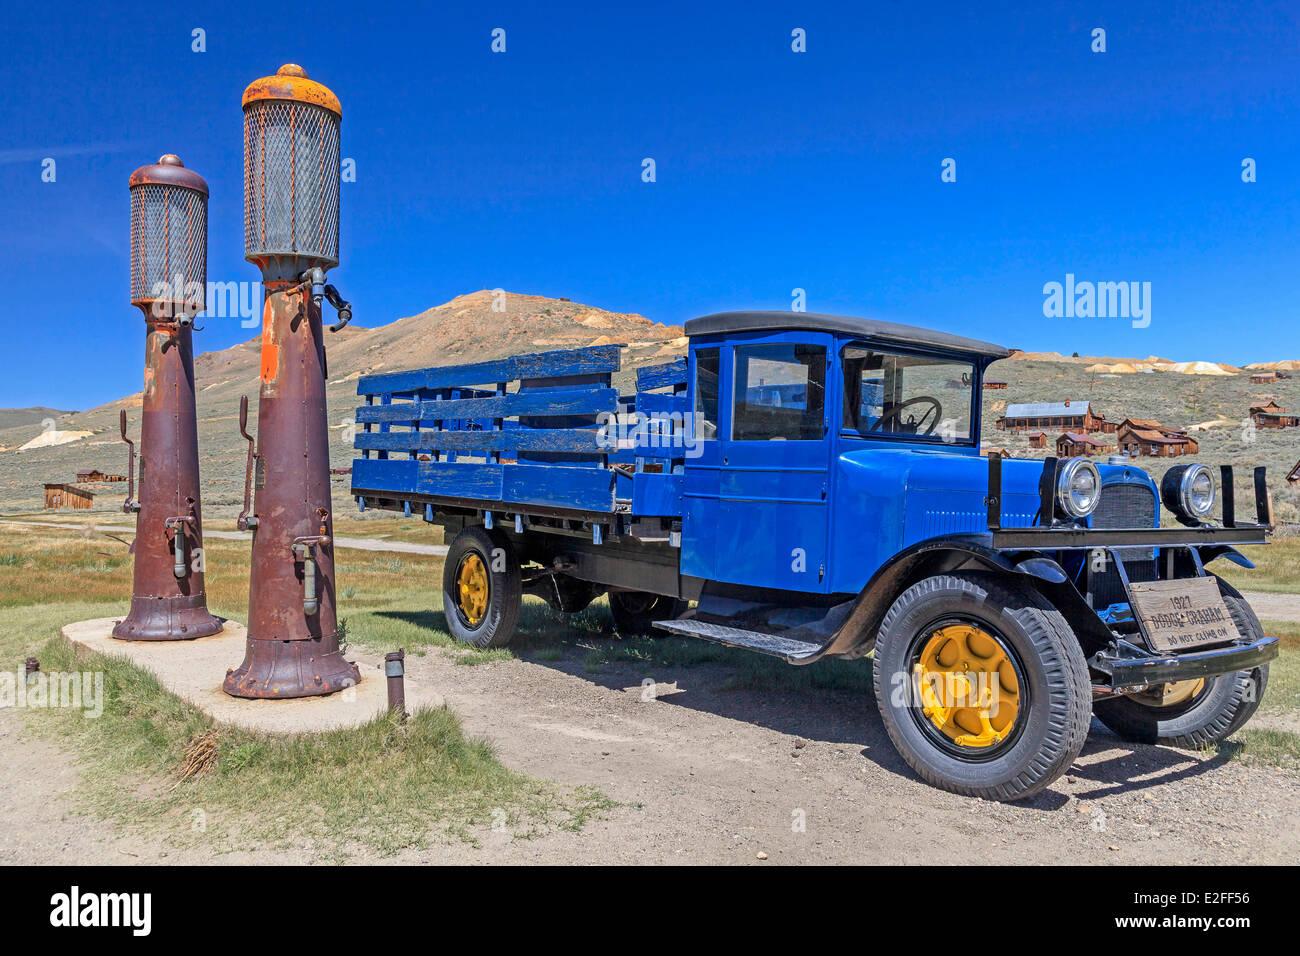 Stati Uniti California Bodie State Historic Park le miniere d'oro città fantasma di Bodie una pietra miliare Immagini Stock